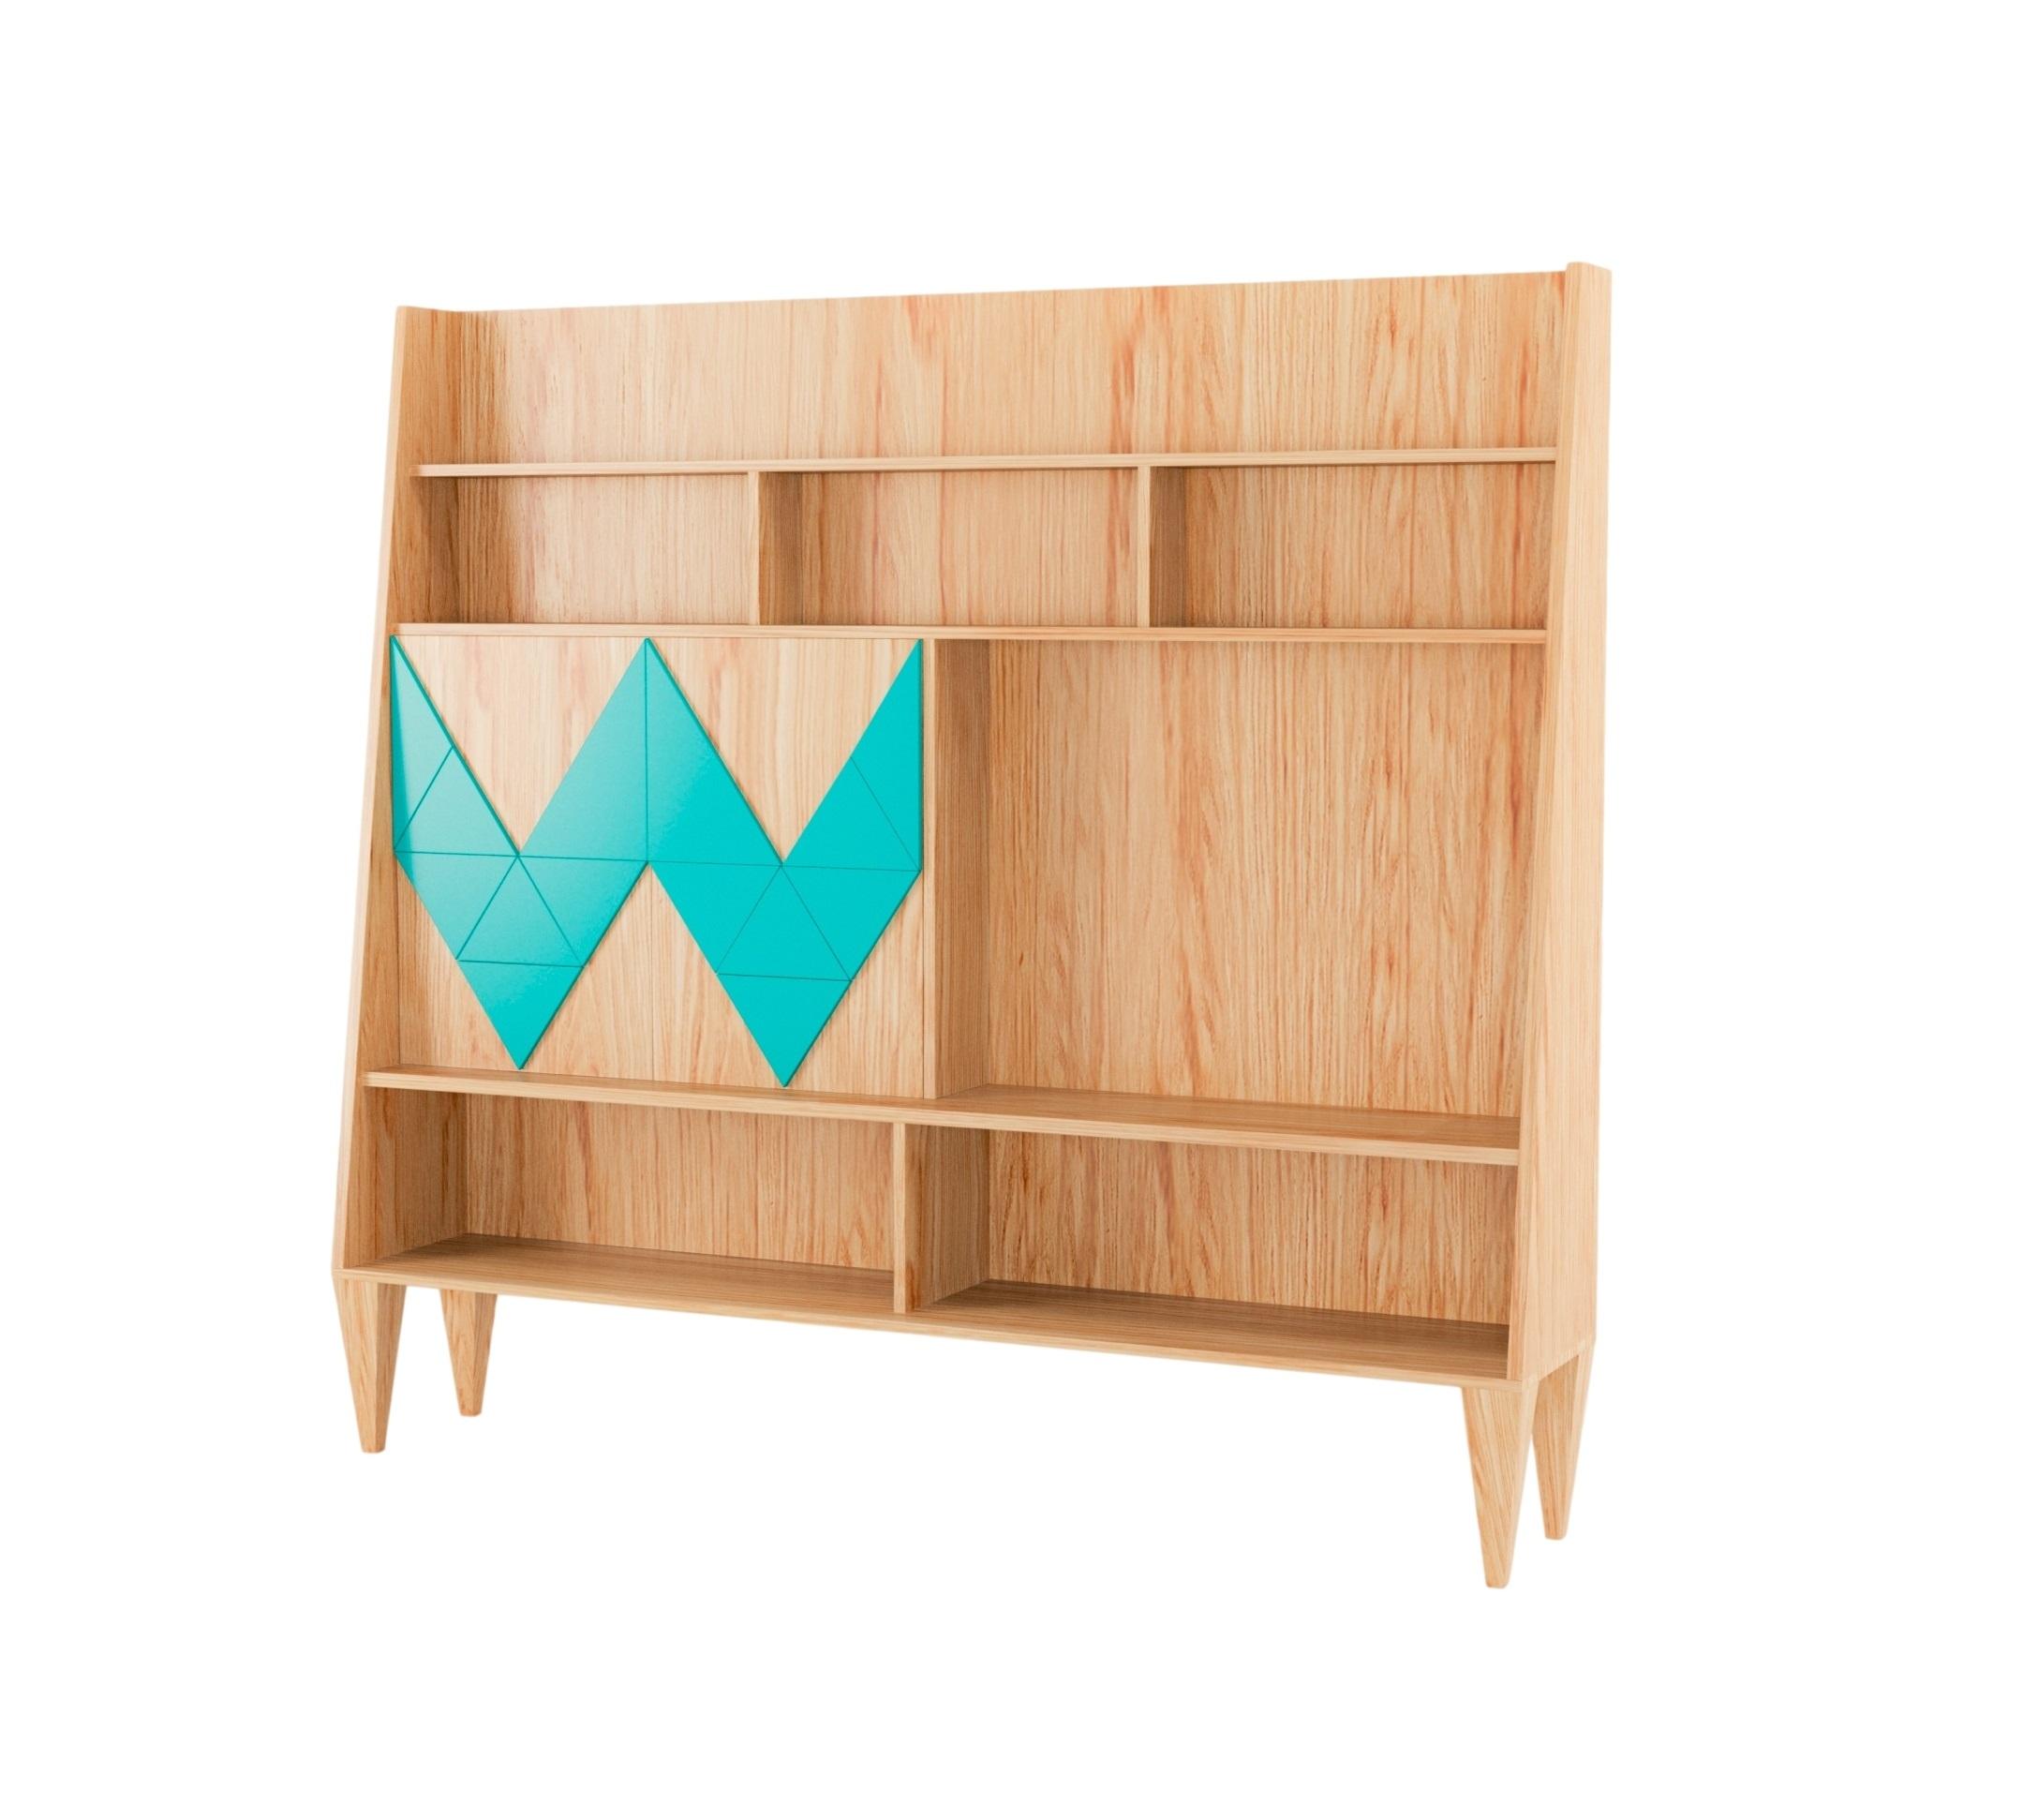 Стенка WOO WALLСтеллажи и этажерки<br>Стенка для гостиной WOO WALL первая из коллекции стенок Woodi, из новой коллекции городского дизайна неразрывно связанной с общей концепцией нашего мебельного бюро: функциональность, качество и простота скандинавского дизайна. Стенка многовариантного использования, с двумя открывающимися дверками и полкой внутри, для хранения ценных мелочей и бумаг. Материал: Корпус – МДФ, лакированный натуральный шпон, краска; ножки – береза.<br><br>Material: Дерево<br>Width см: 190<br>Depth см: 50<br>Height см: 170